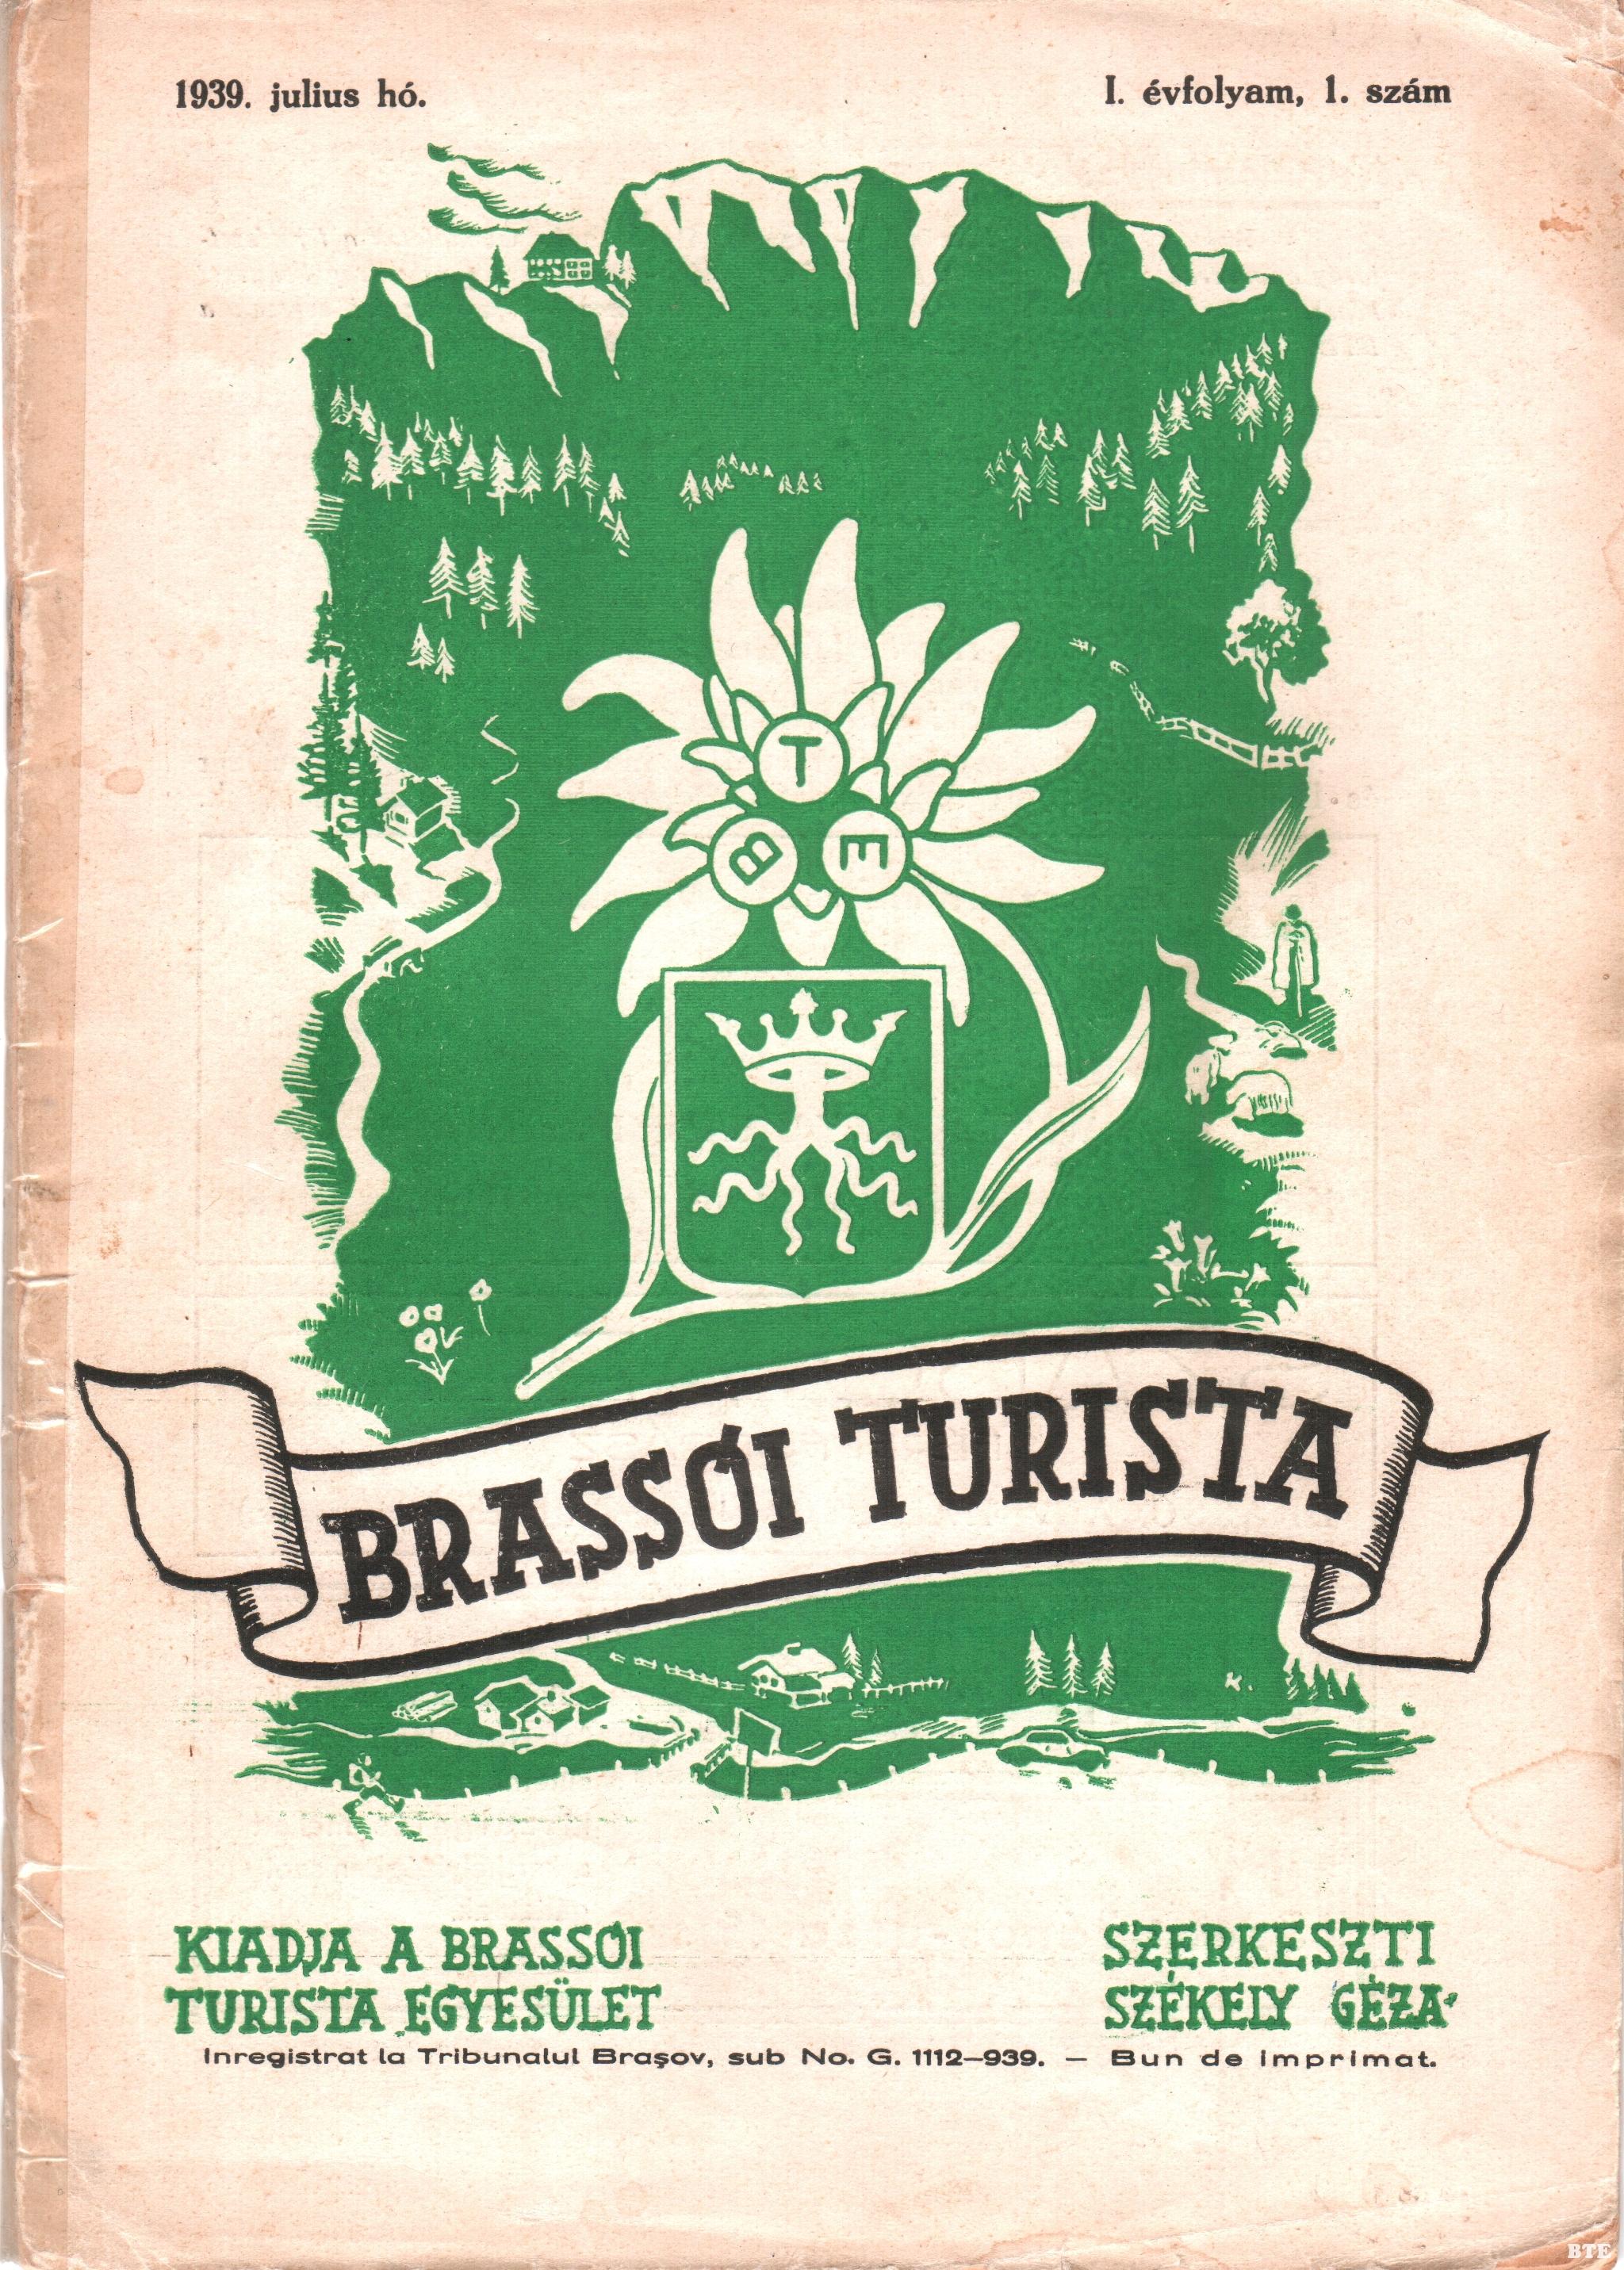 brassoi-turista